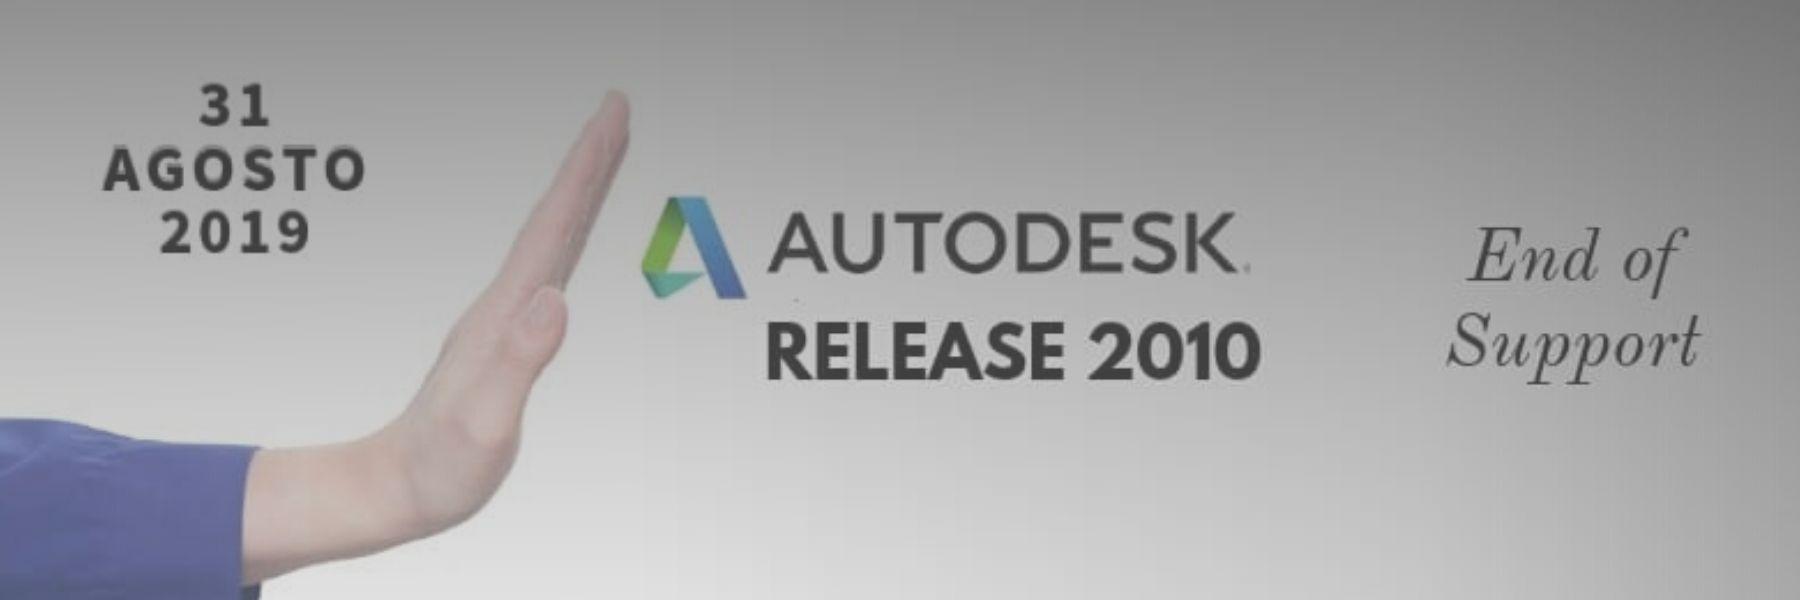 Fine del Supporto per Release Autodesk 2010 e Precedenti